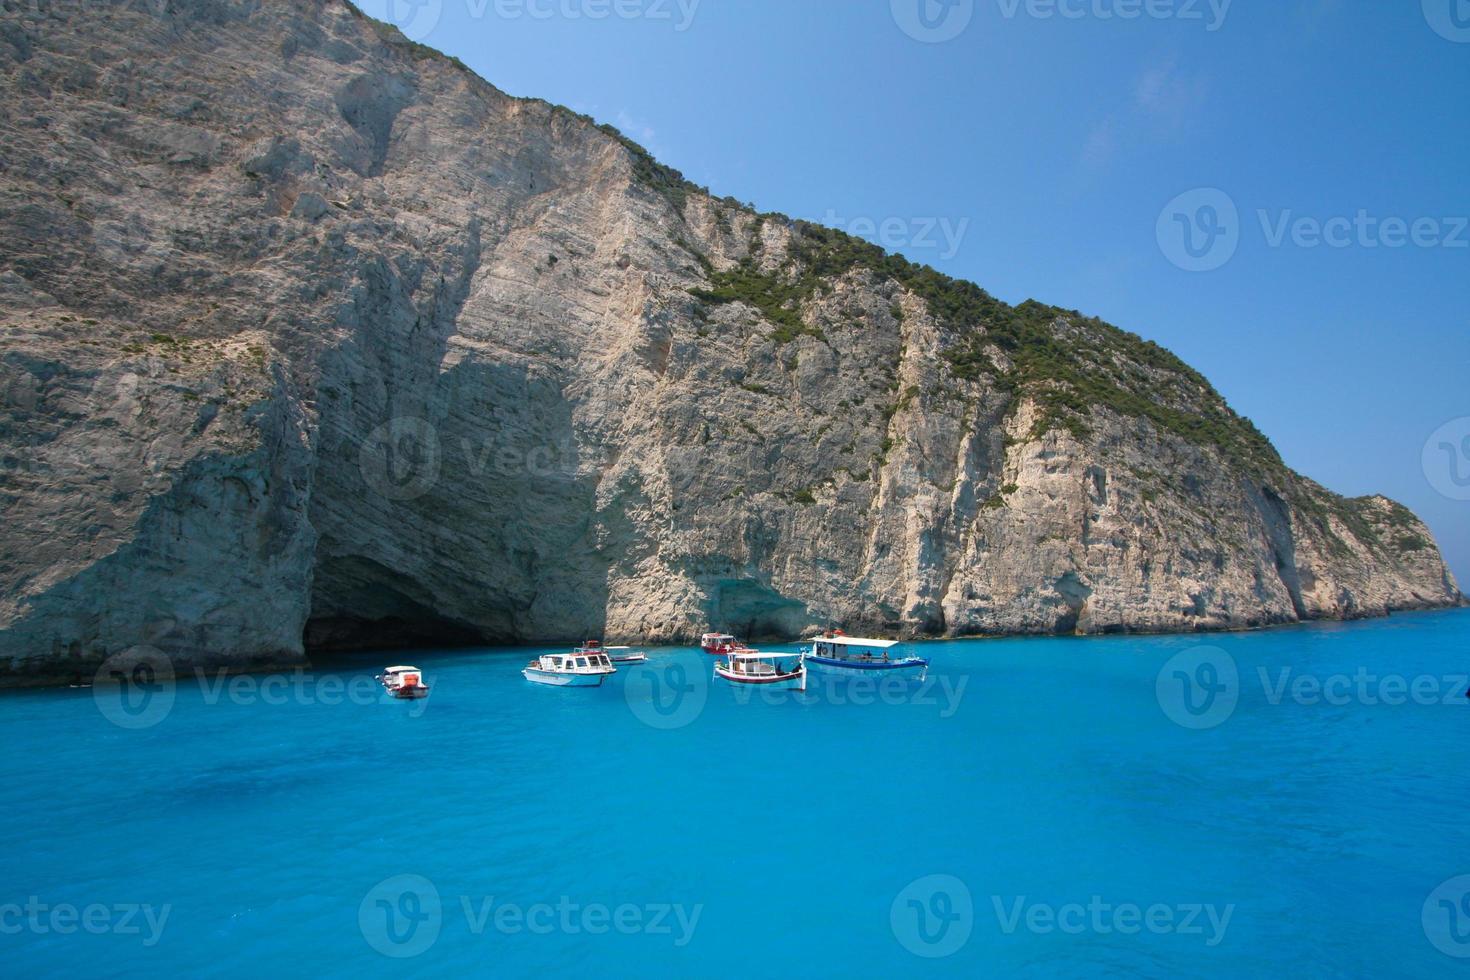 Bahía navagio - barcos en aguas azules foto